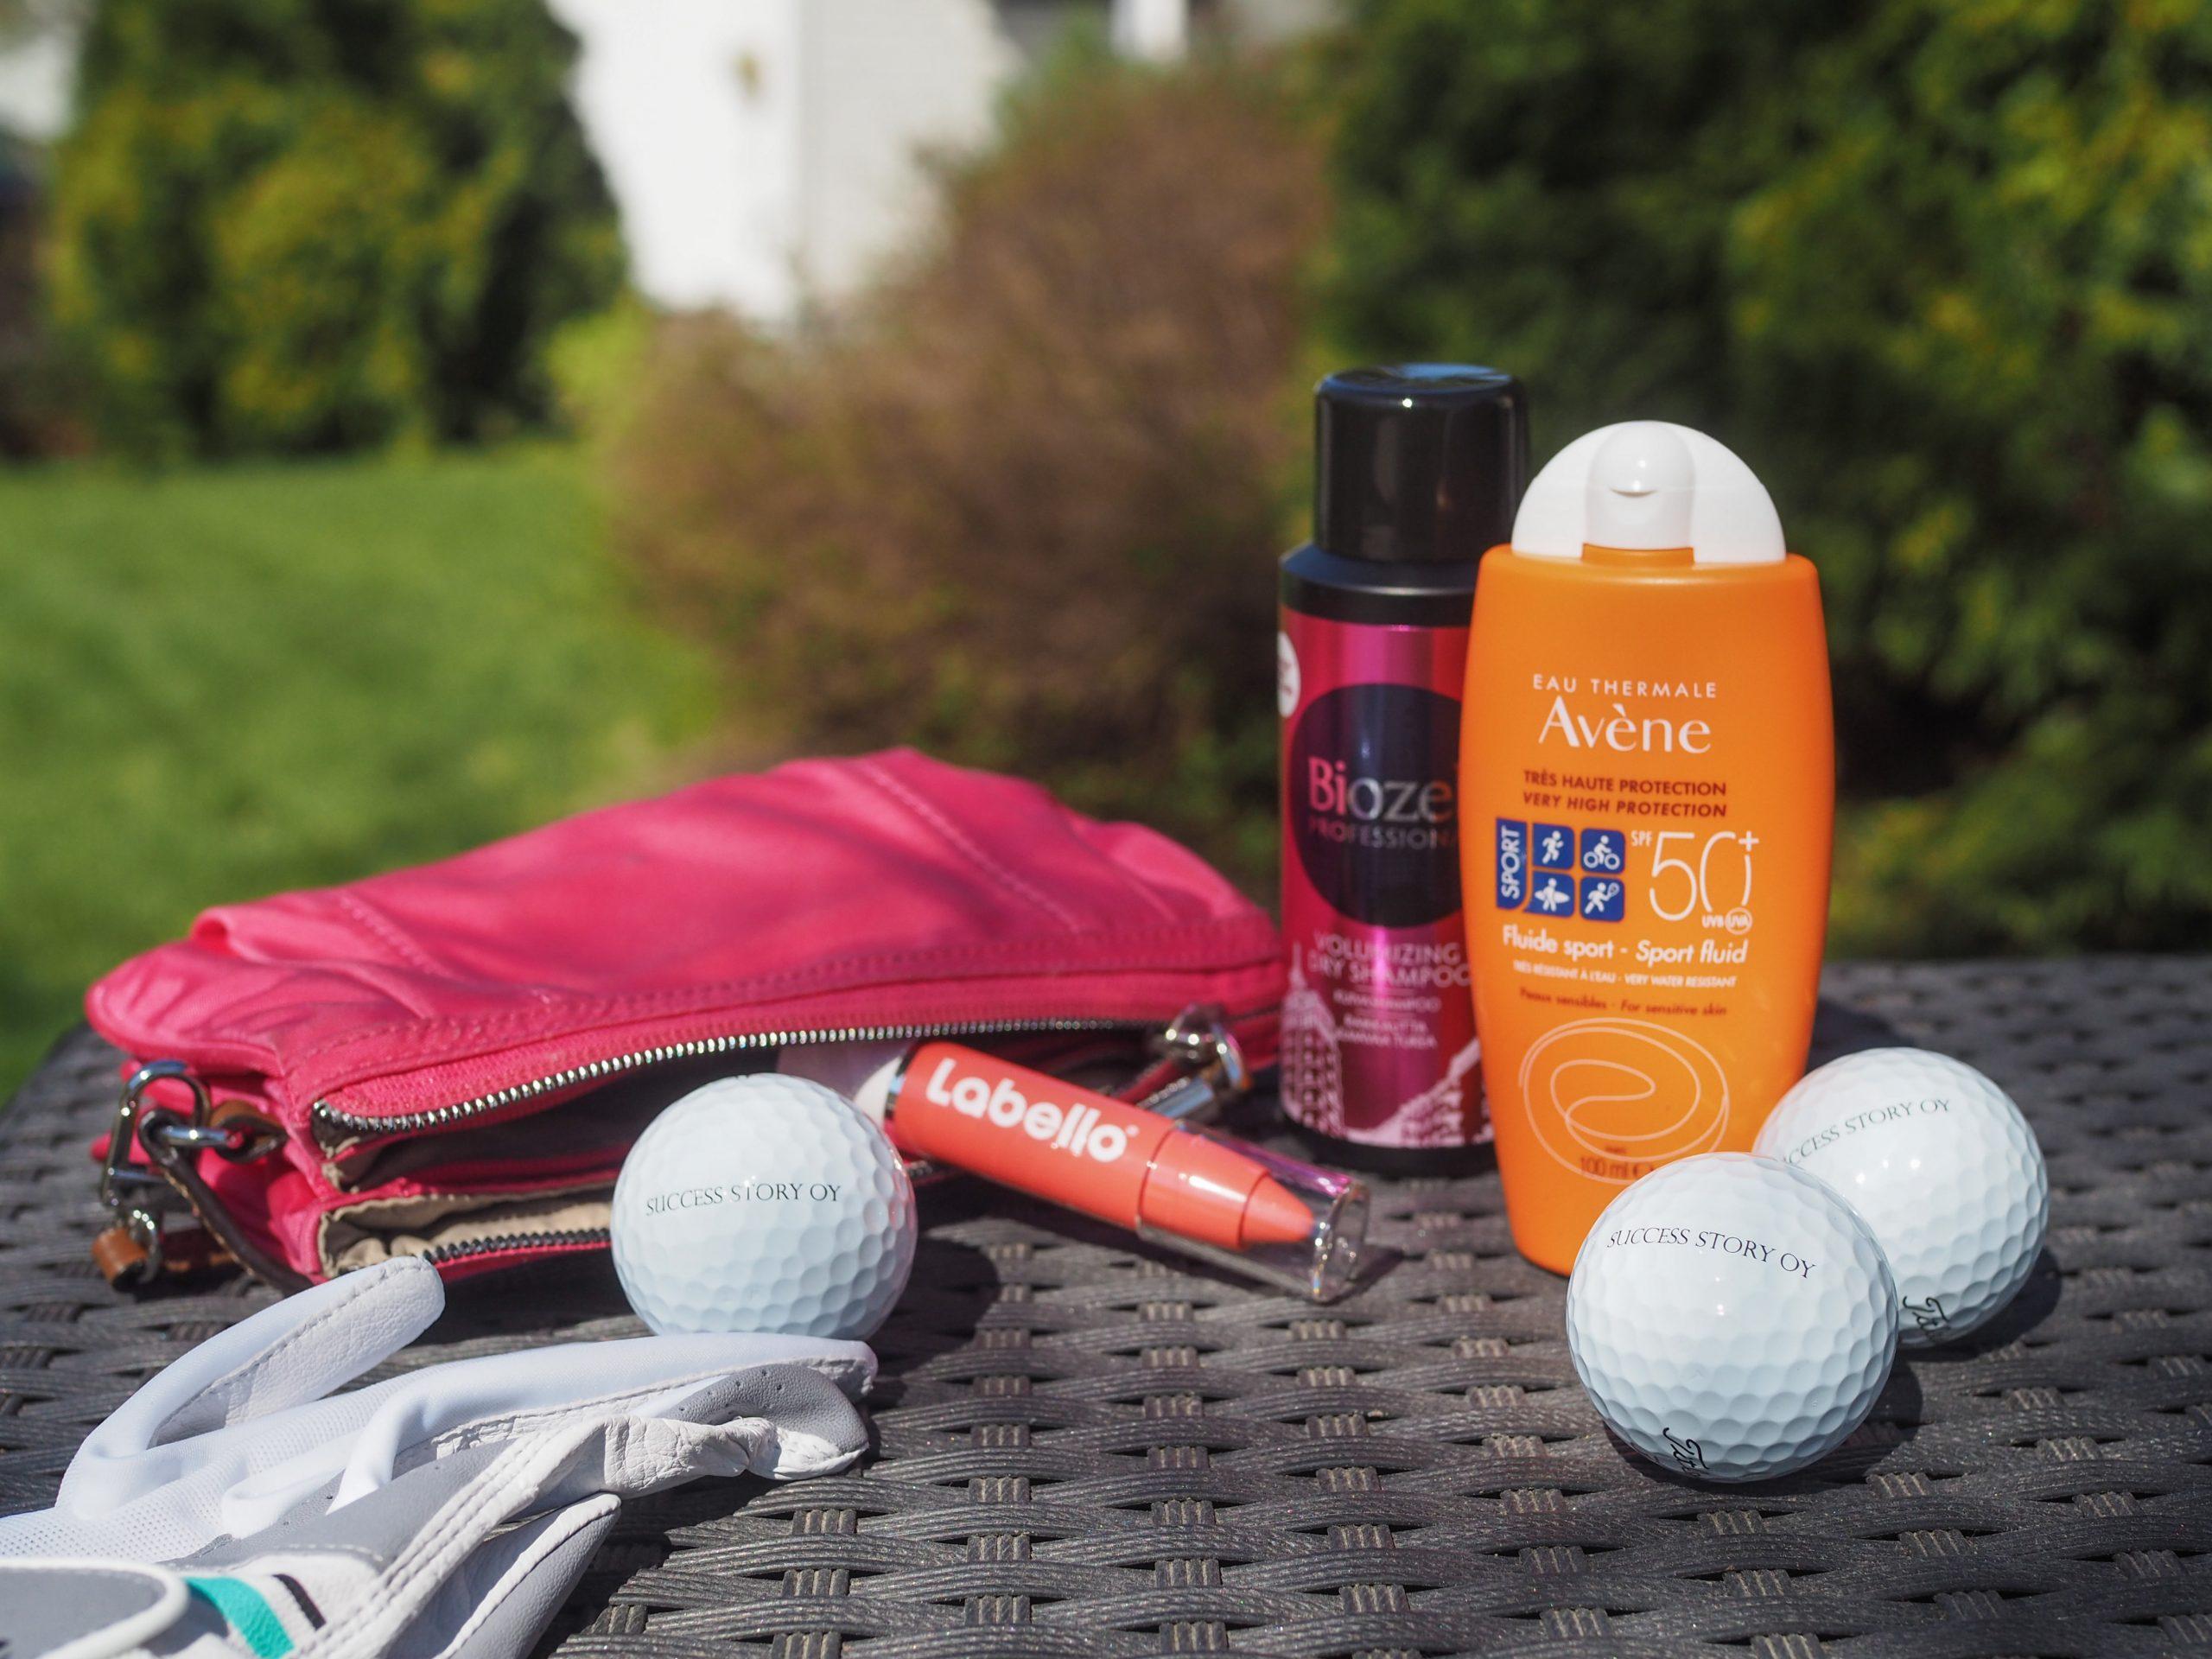 Avene-aurinkovoide, Biozell-kuivashampoo ja Labello-huulipuna sekä golfhanska ja golfpalloja pöydällä